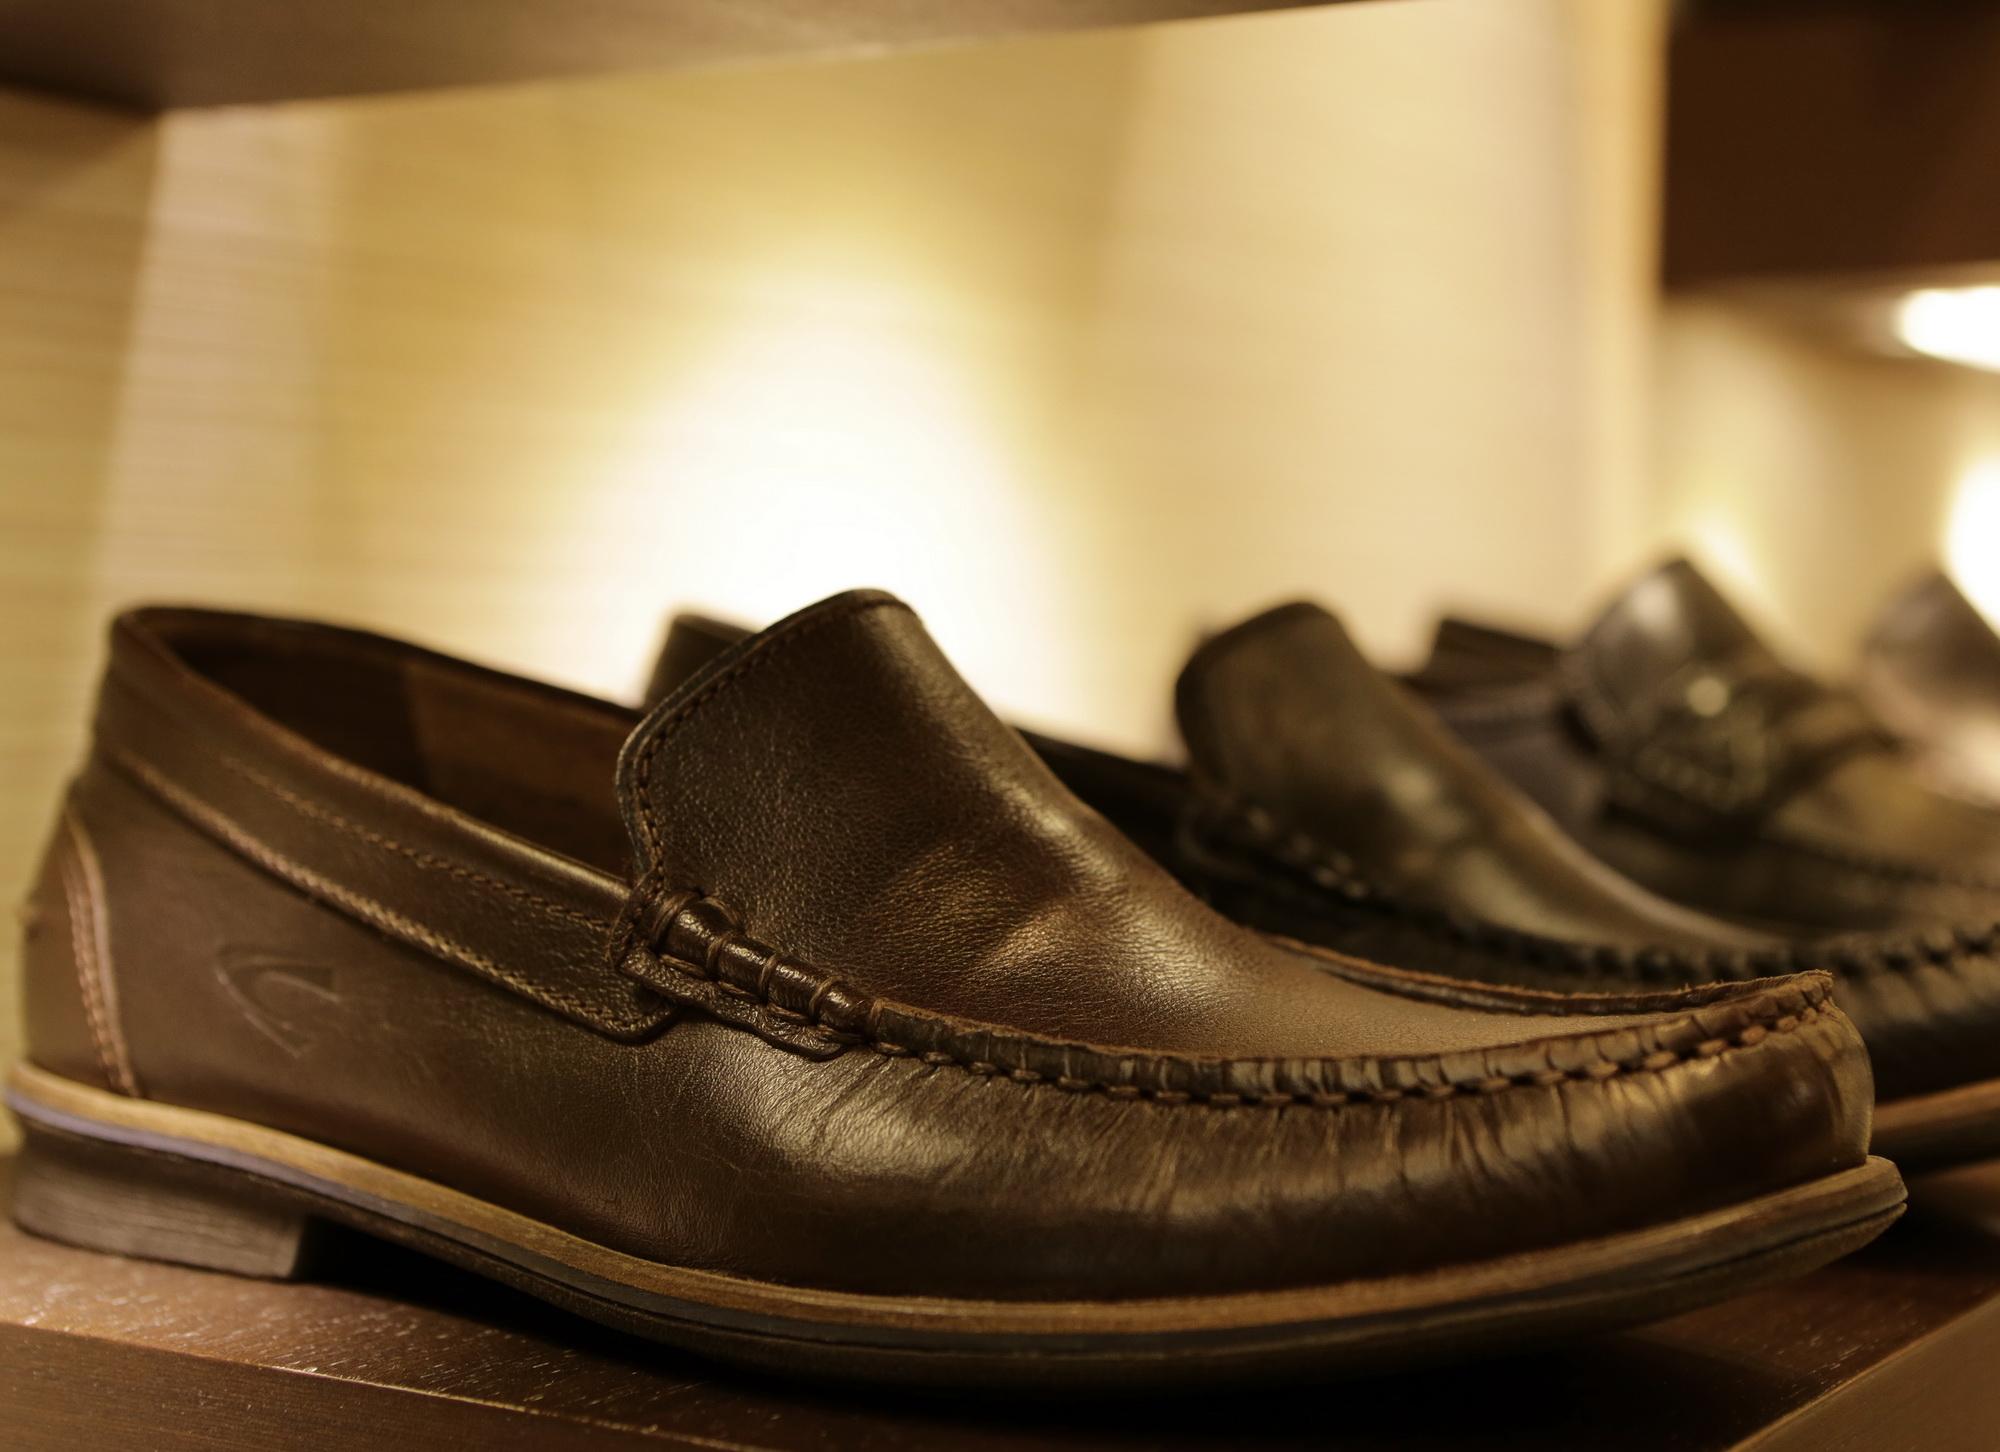 c395c72ca Легендарная обувь Salamander в Баку – ФОТО   1news.az   Новости